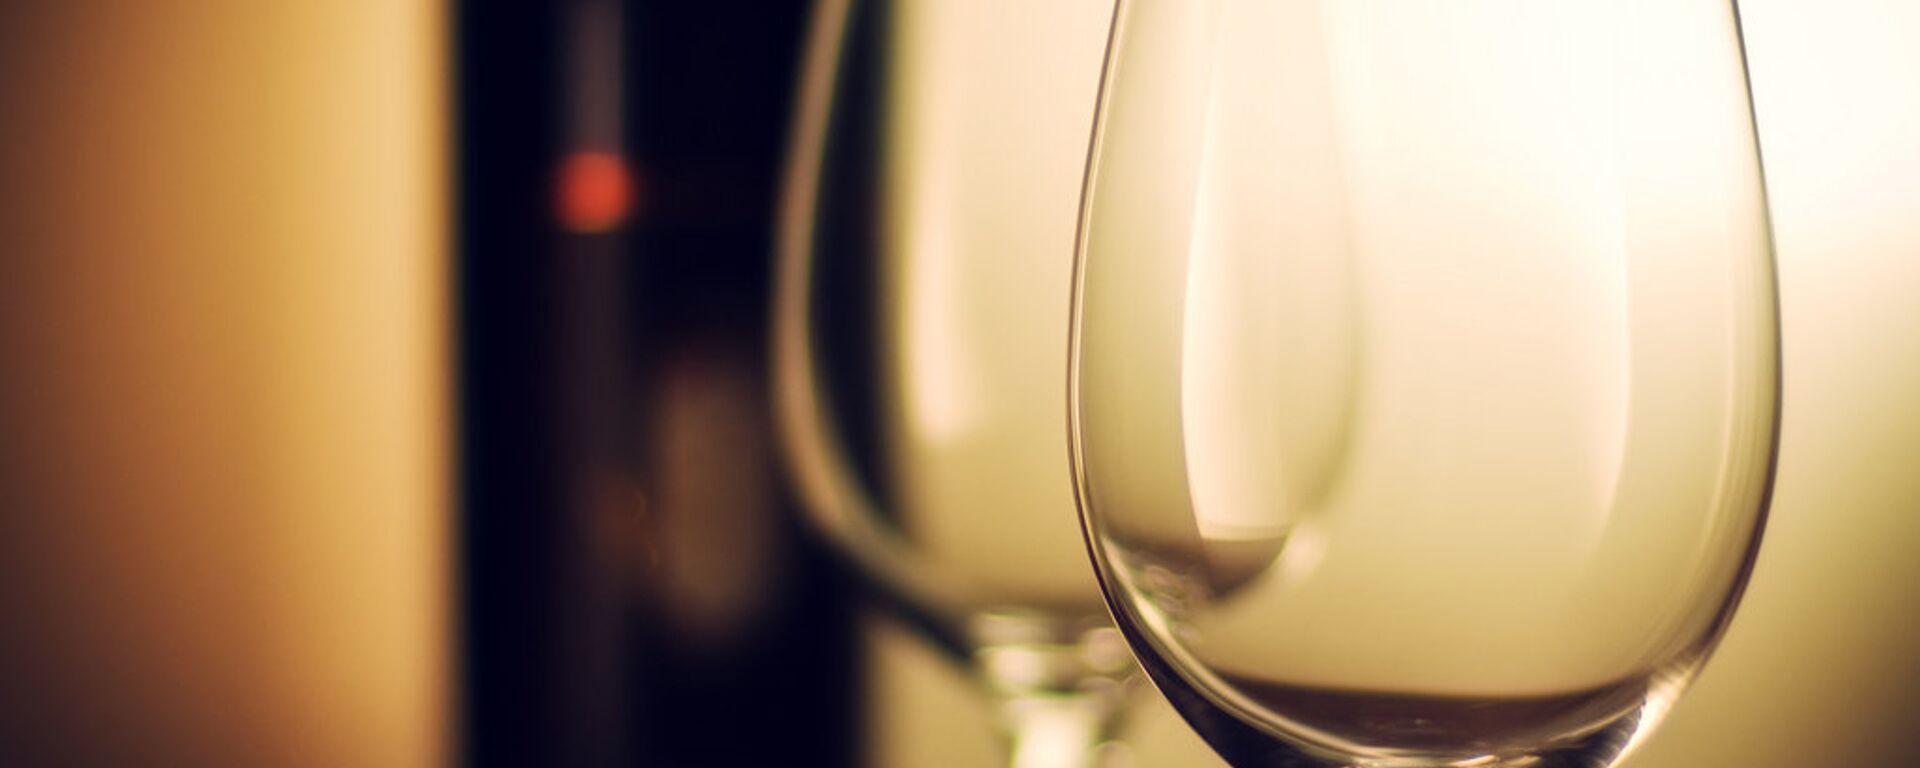 Una bottiglia di vino - Sputnik Italia, 1920, 01.02.2021